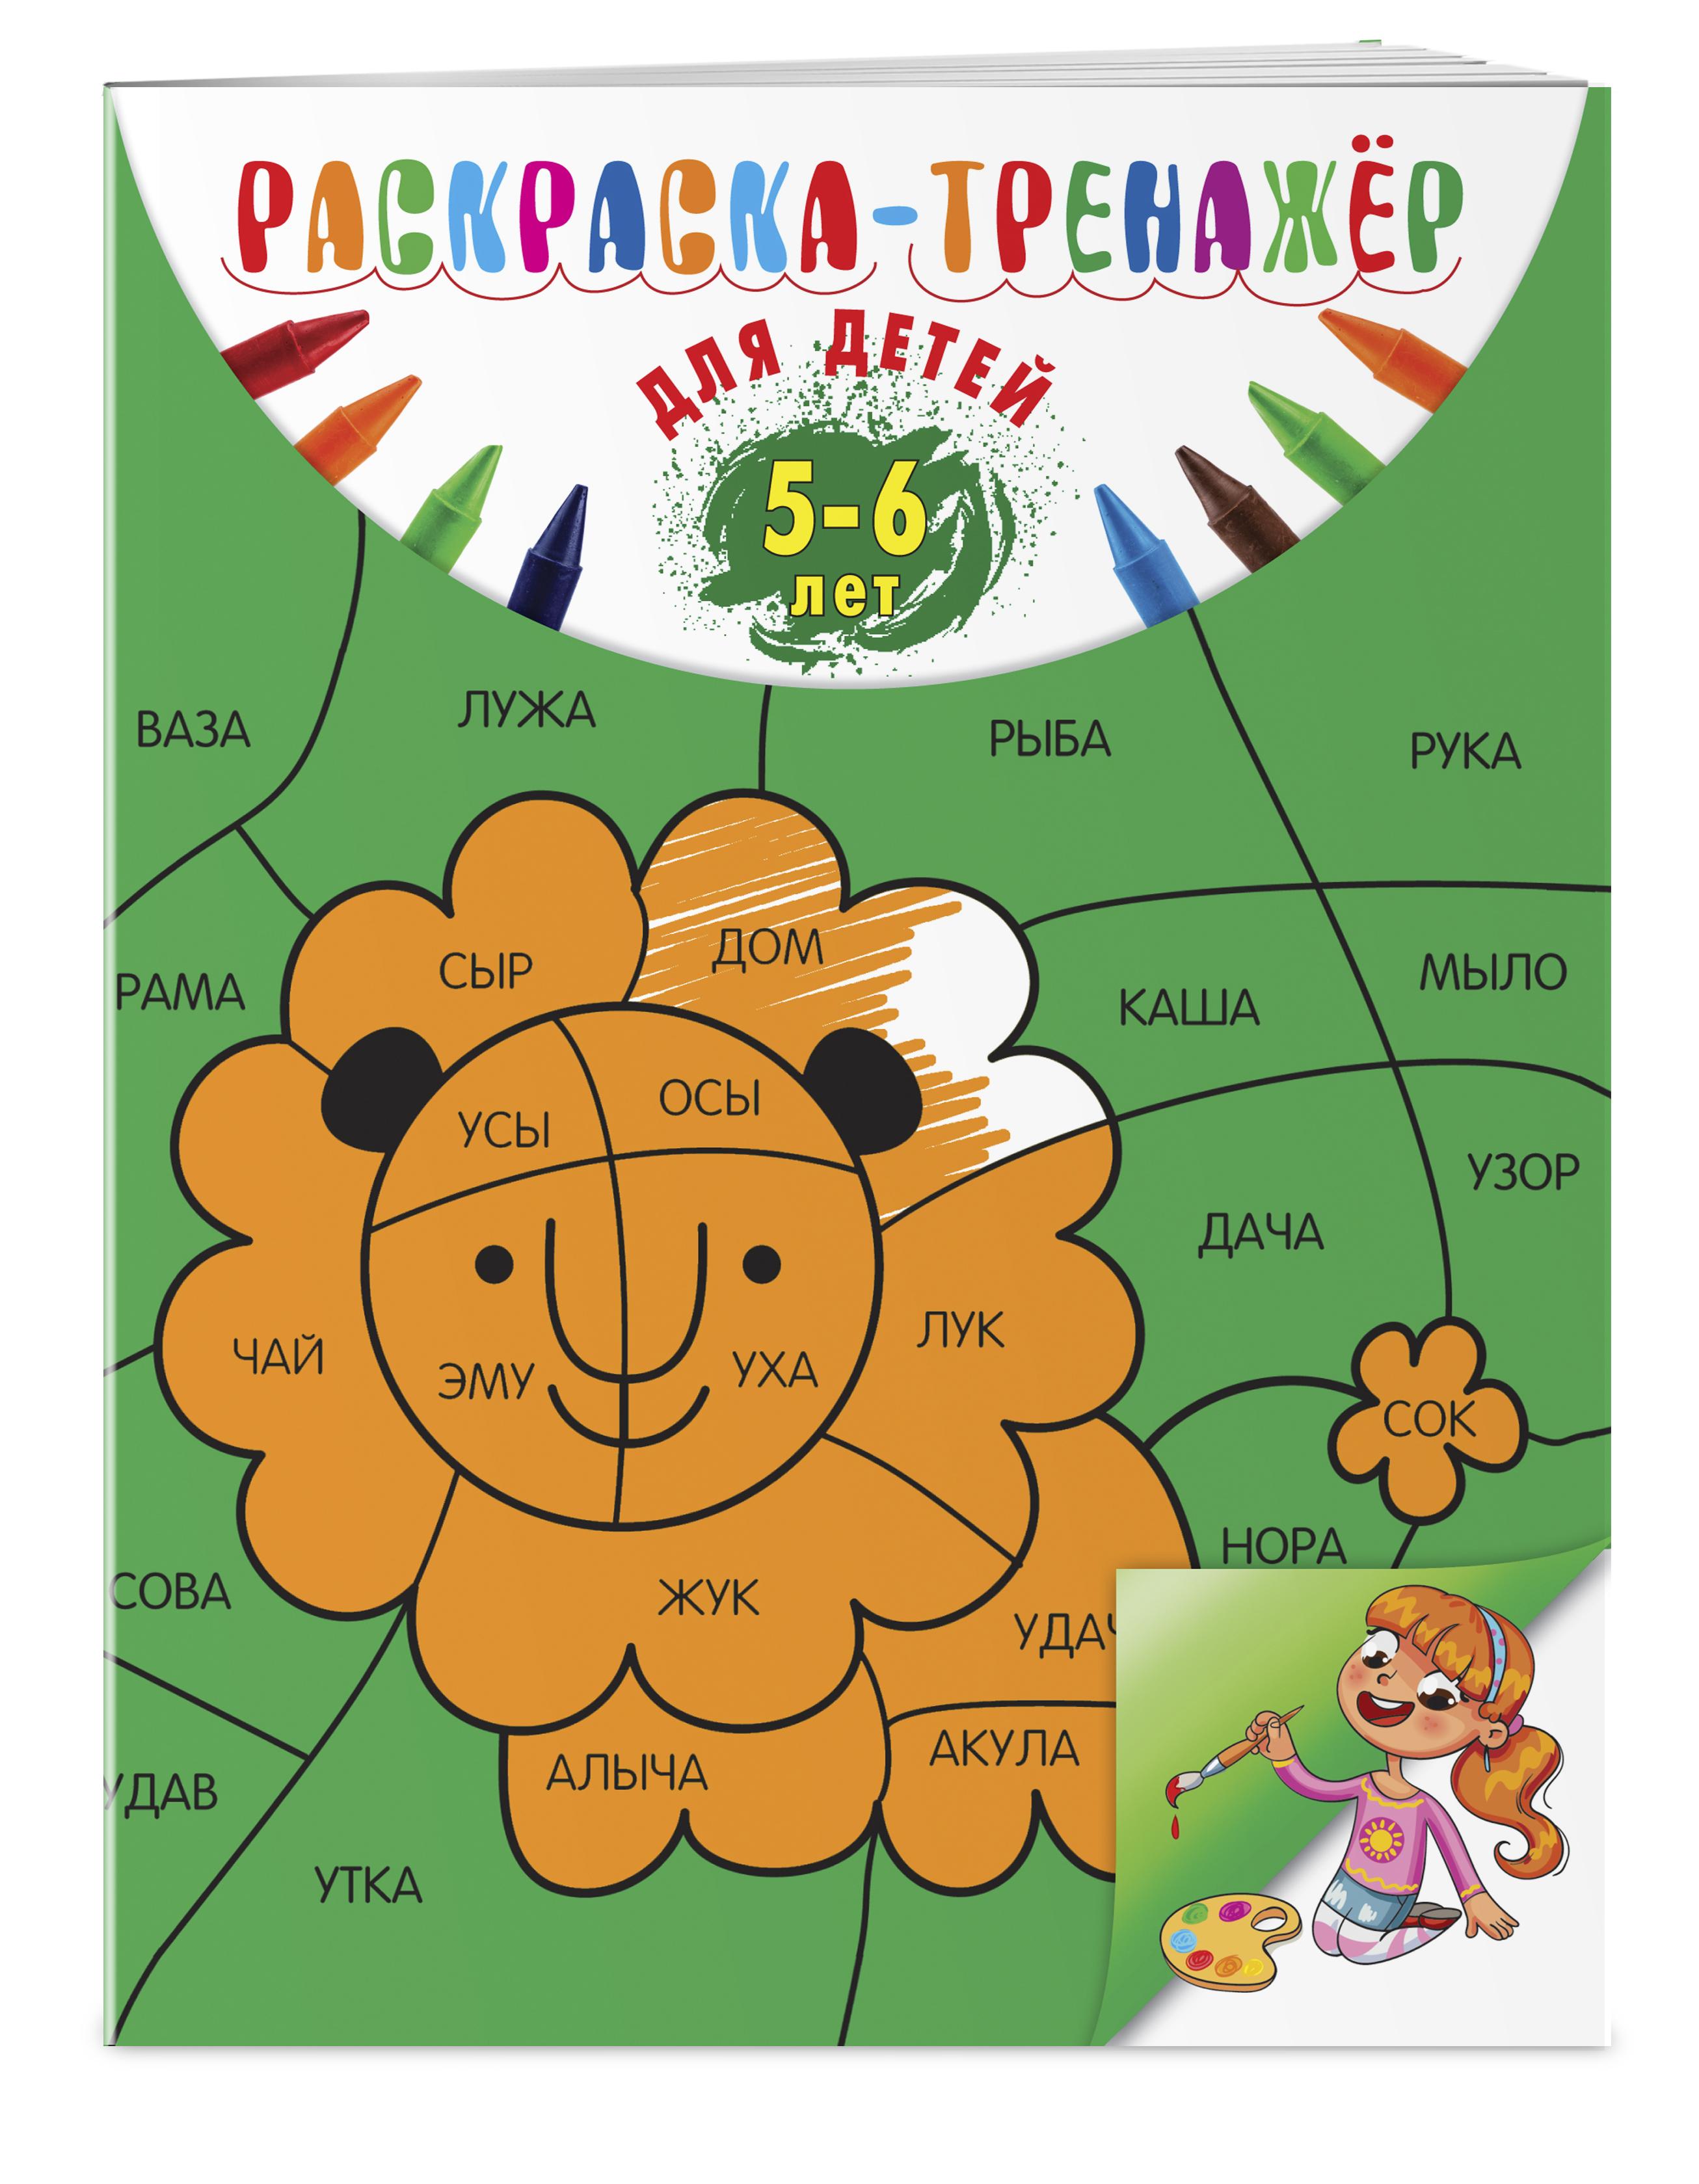 Волох А.В. Раскраска-тренажер: для детей 5-6 лет ISBN: 978-5-04-090286-6